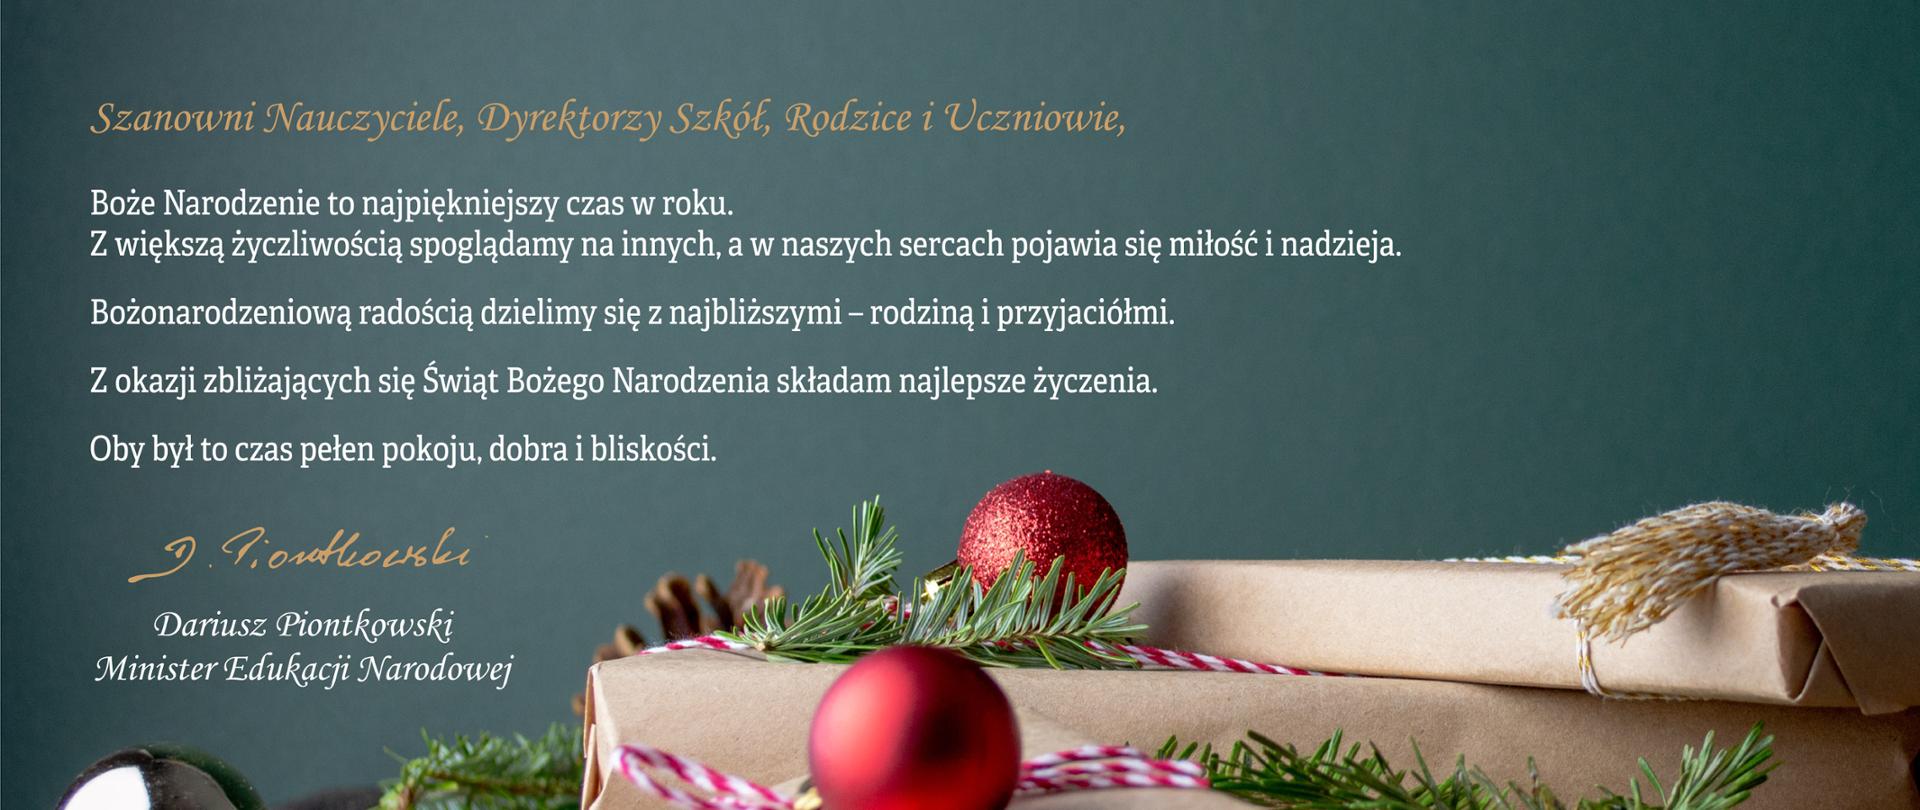 Życzenia Ministra Edukacji Narodowej na Święta Bożego Narodzenia w 2019 r. W tle prezenty, bombki i gałązki na bladozielonym tle.